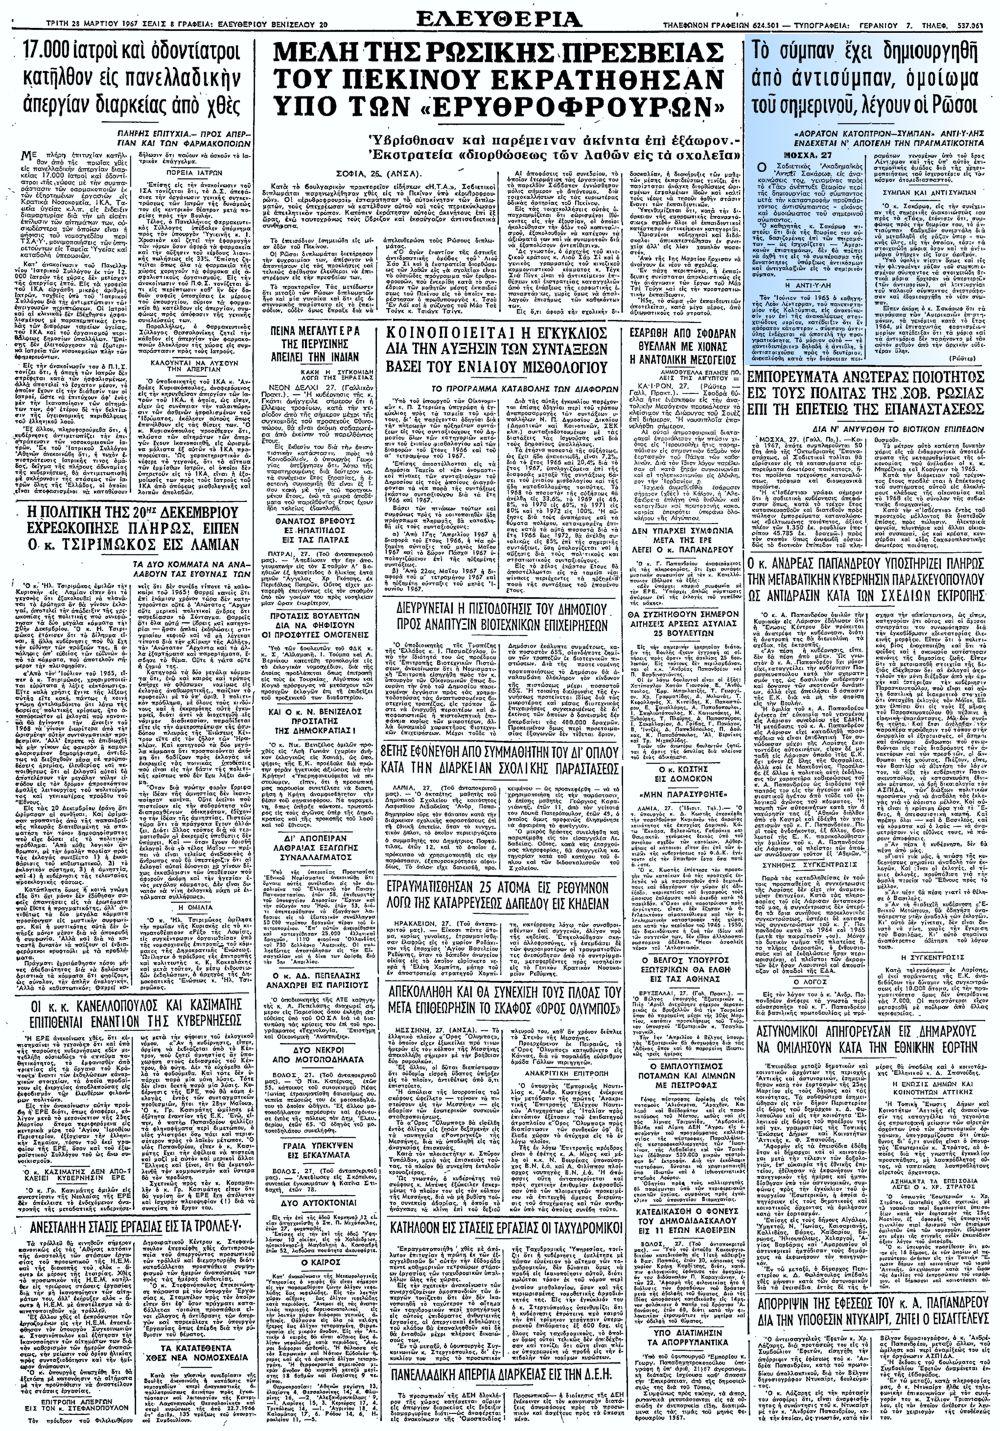 """Το άρθρο, όπως δημοσιεύθηκε στην εφημερίδα """"ΕΛΕΥΘΕΡΙΑ"""", στις 28/03/1967"""